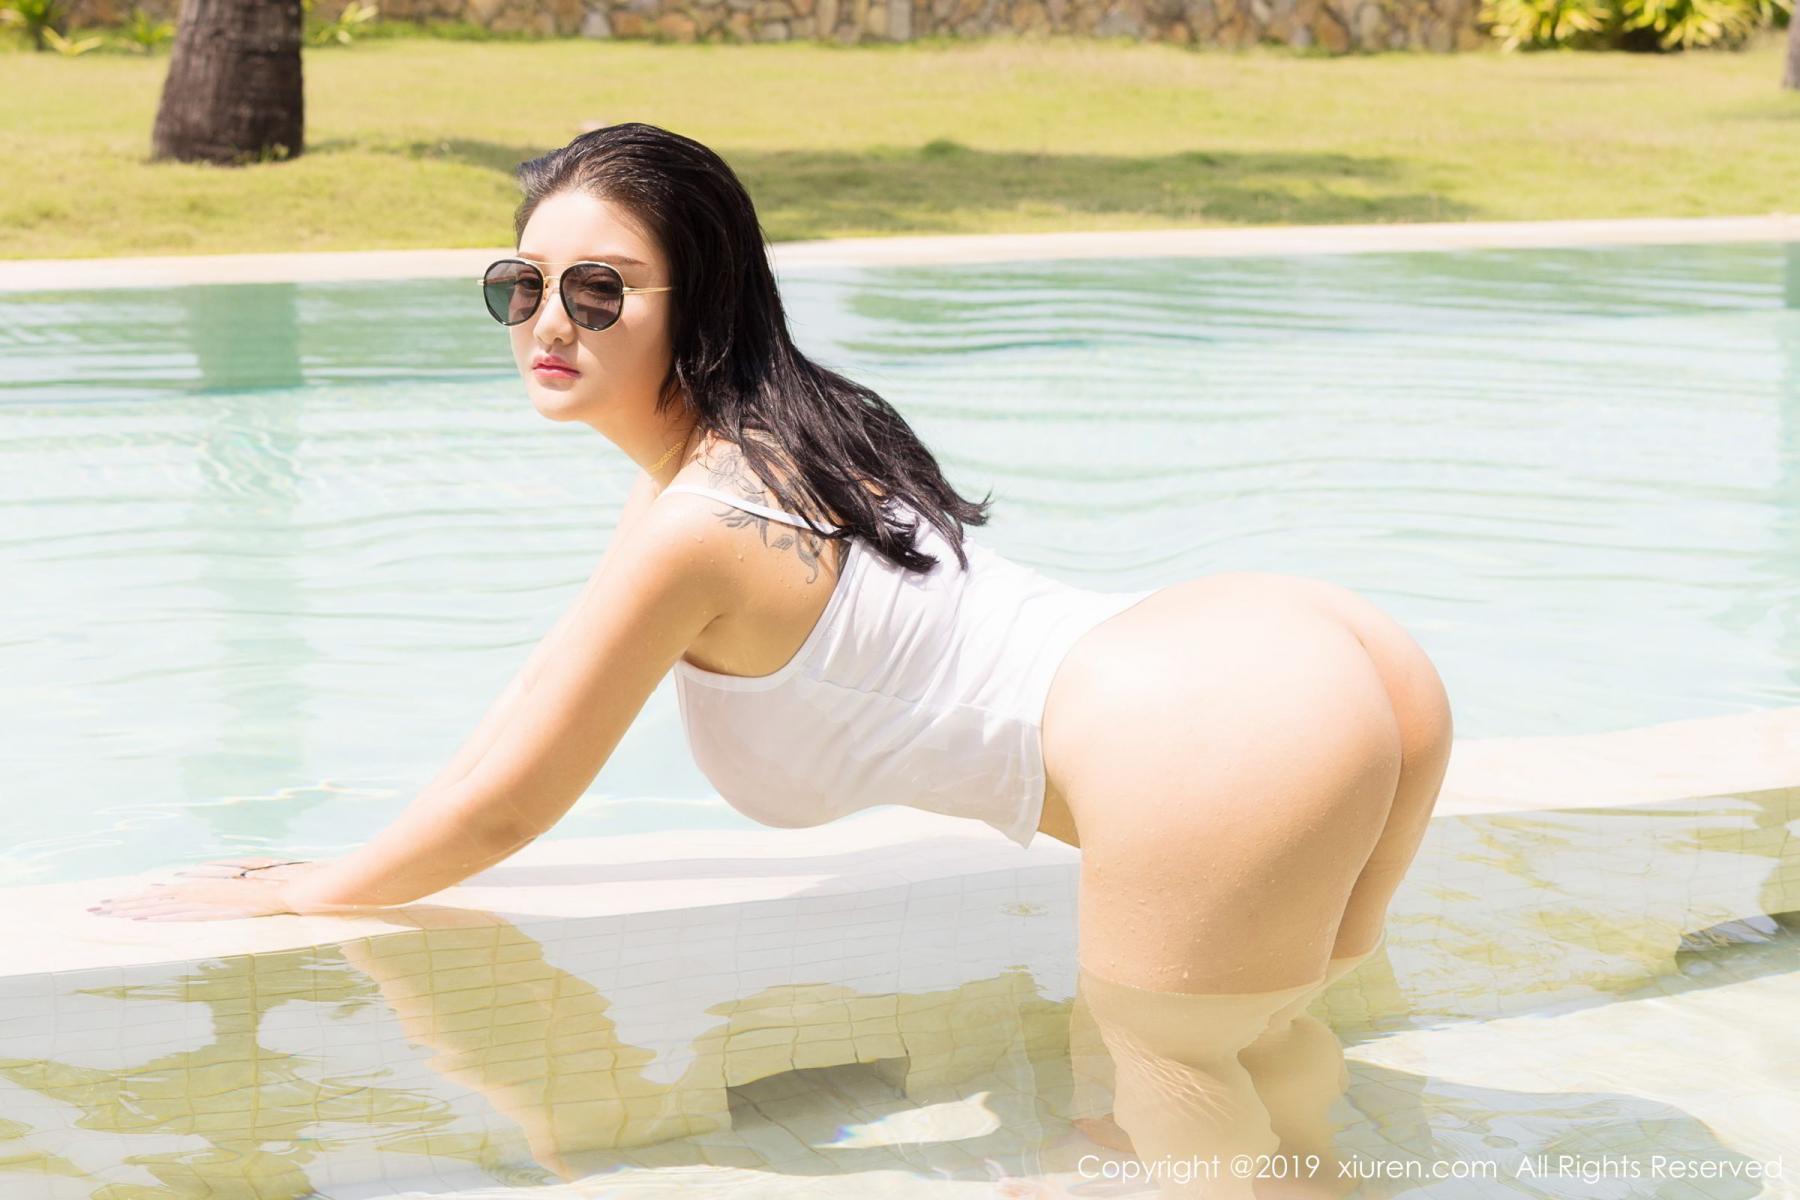 [XiuRen] Vol.1661 Lu Lu Xiao Miao 36P, Bikini, Lu Lu Xiao Miao, Swim Pool, Wet, Xiuren